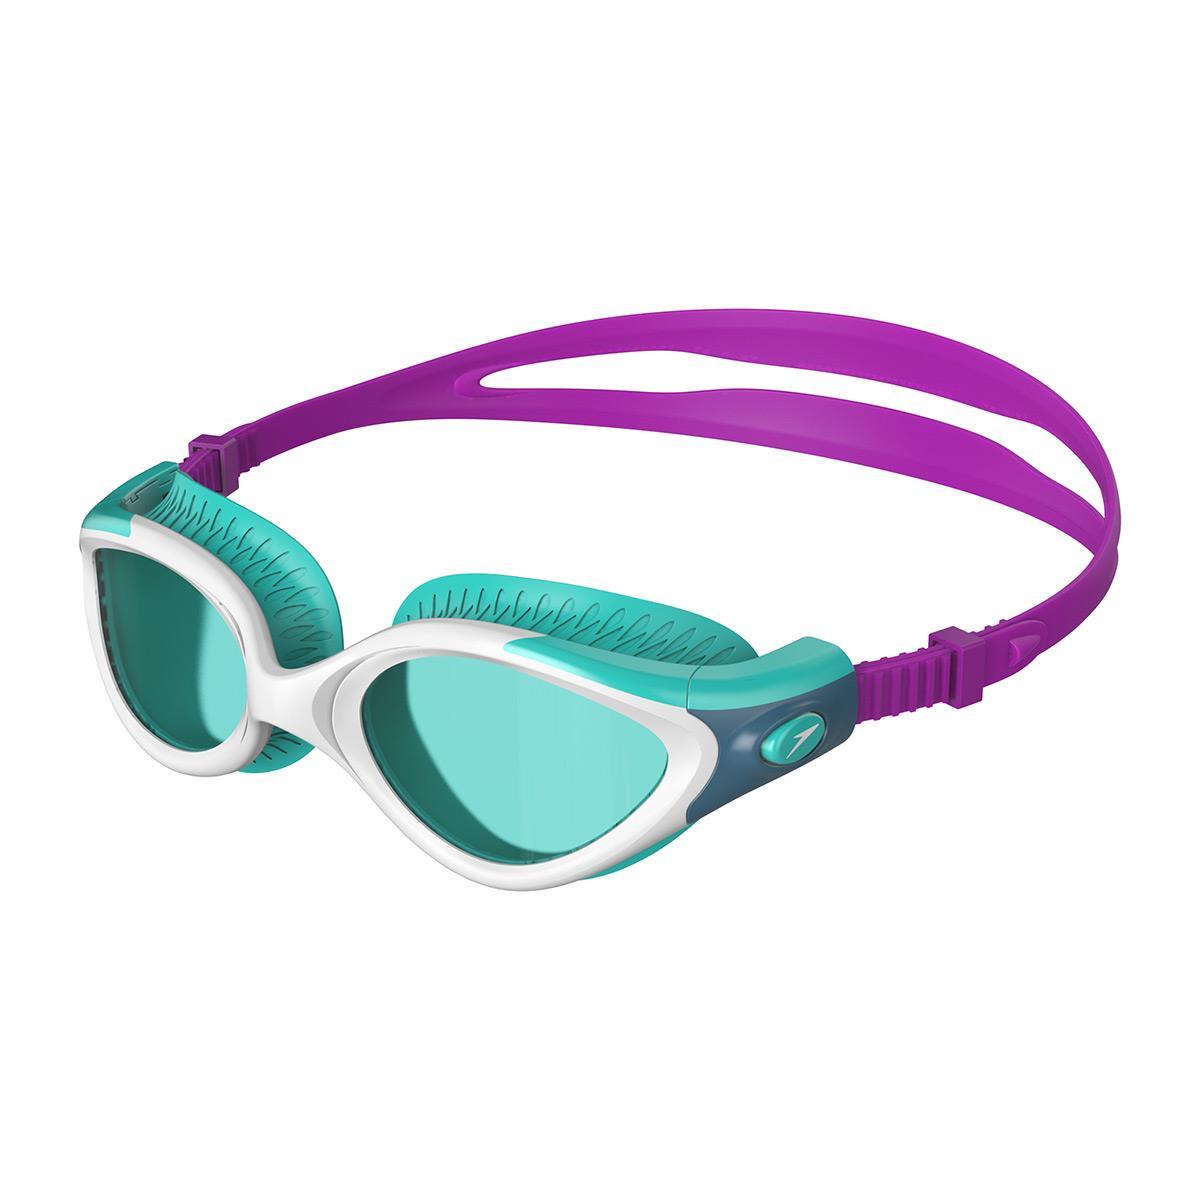 Speedo Fut Bıof Fseal Dual Gog Af Purp/Blu Kadın Gözlük